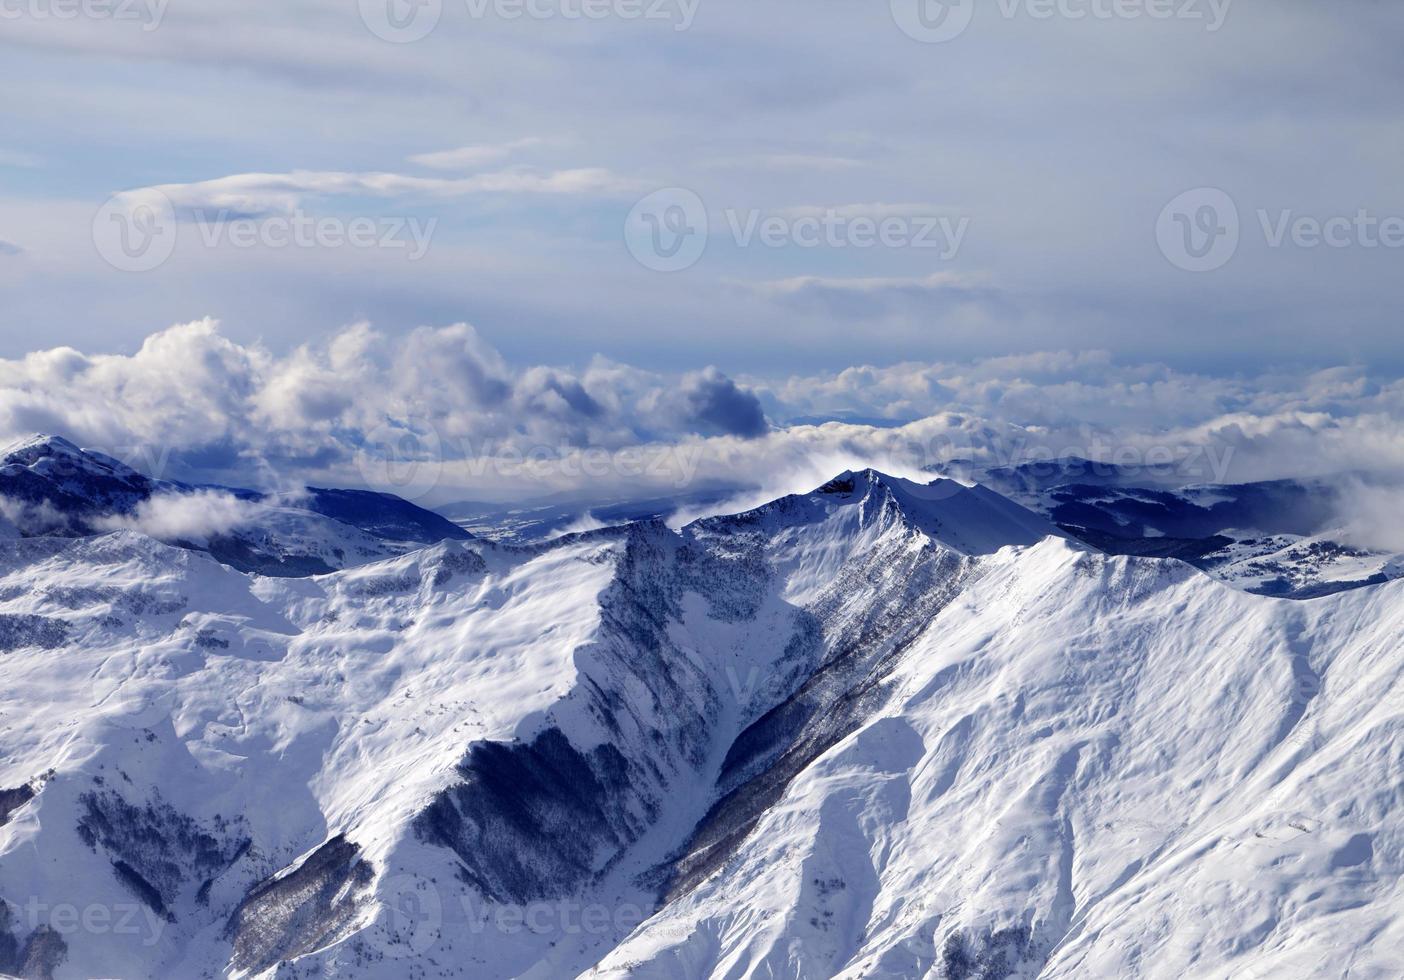 montagnes d'hiver dans la brume au jour de vent photo